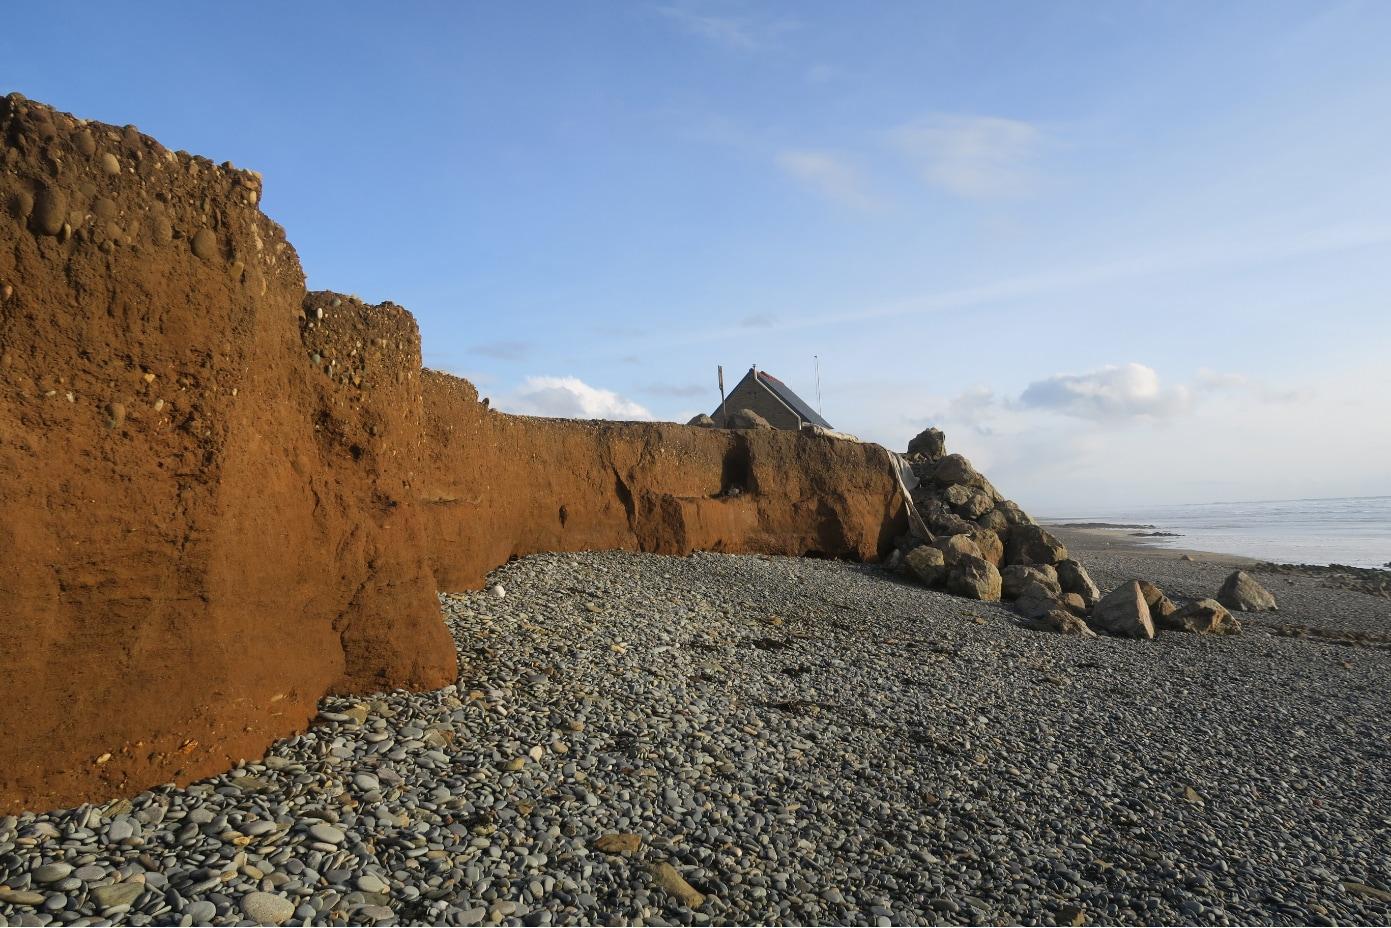 En baie d'Audierne, érosion exacerbée à l'extrémité d'une protection par enrochements de la ligne de rivage (18/02/2021)